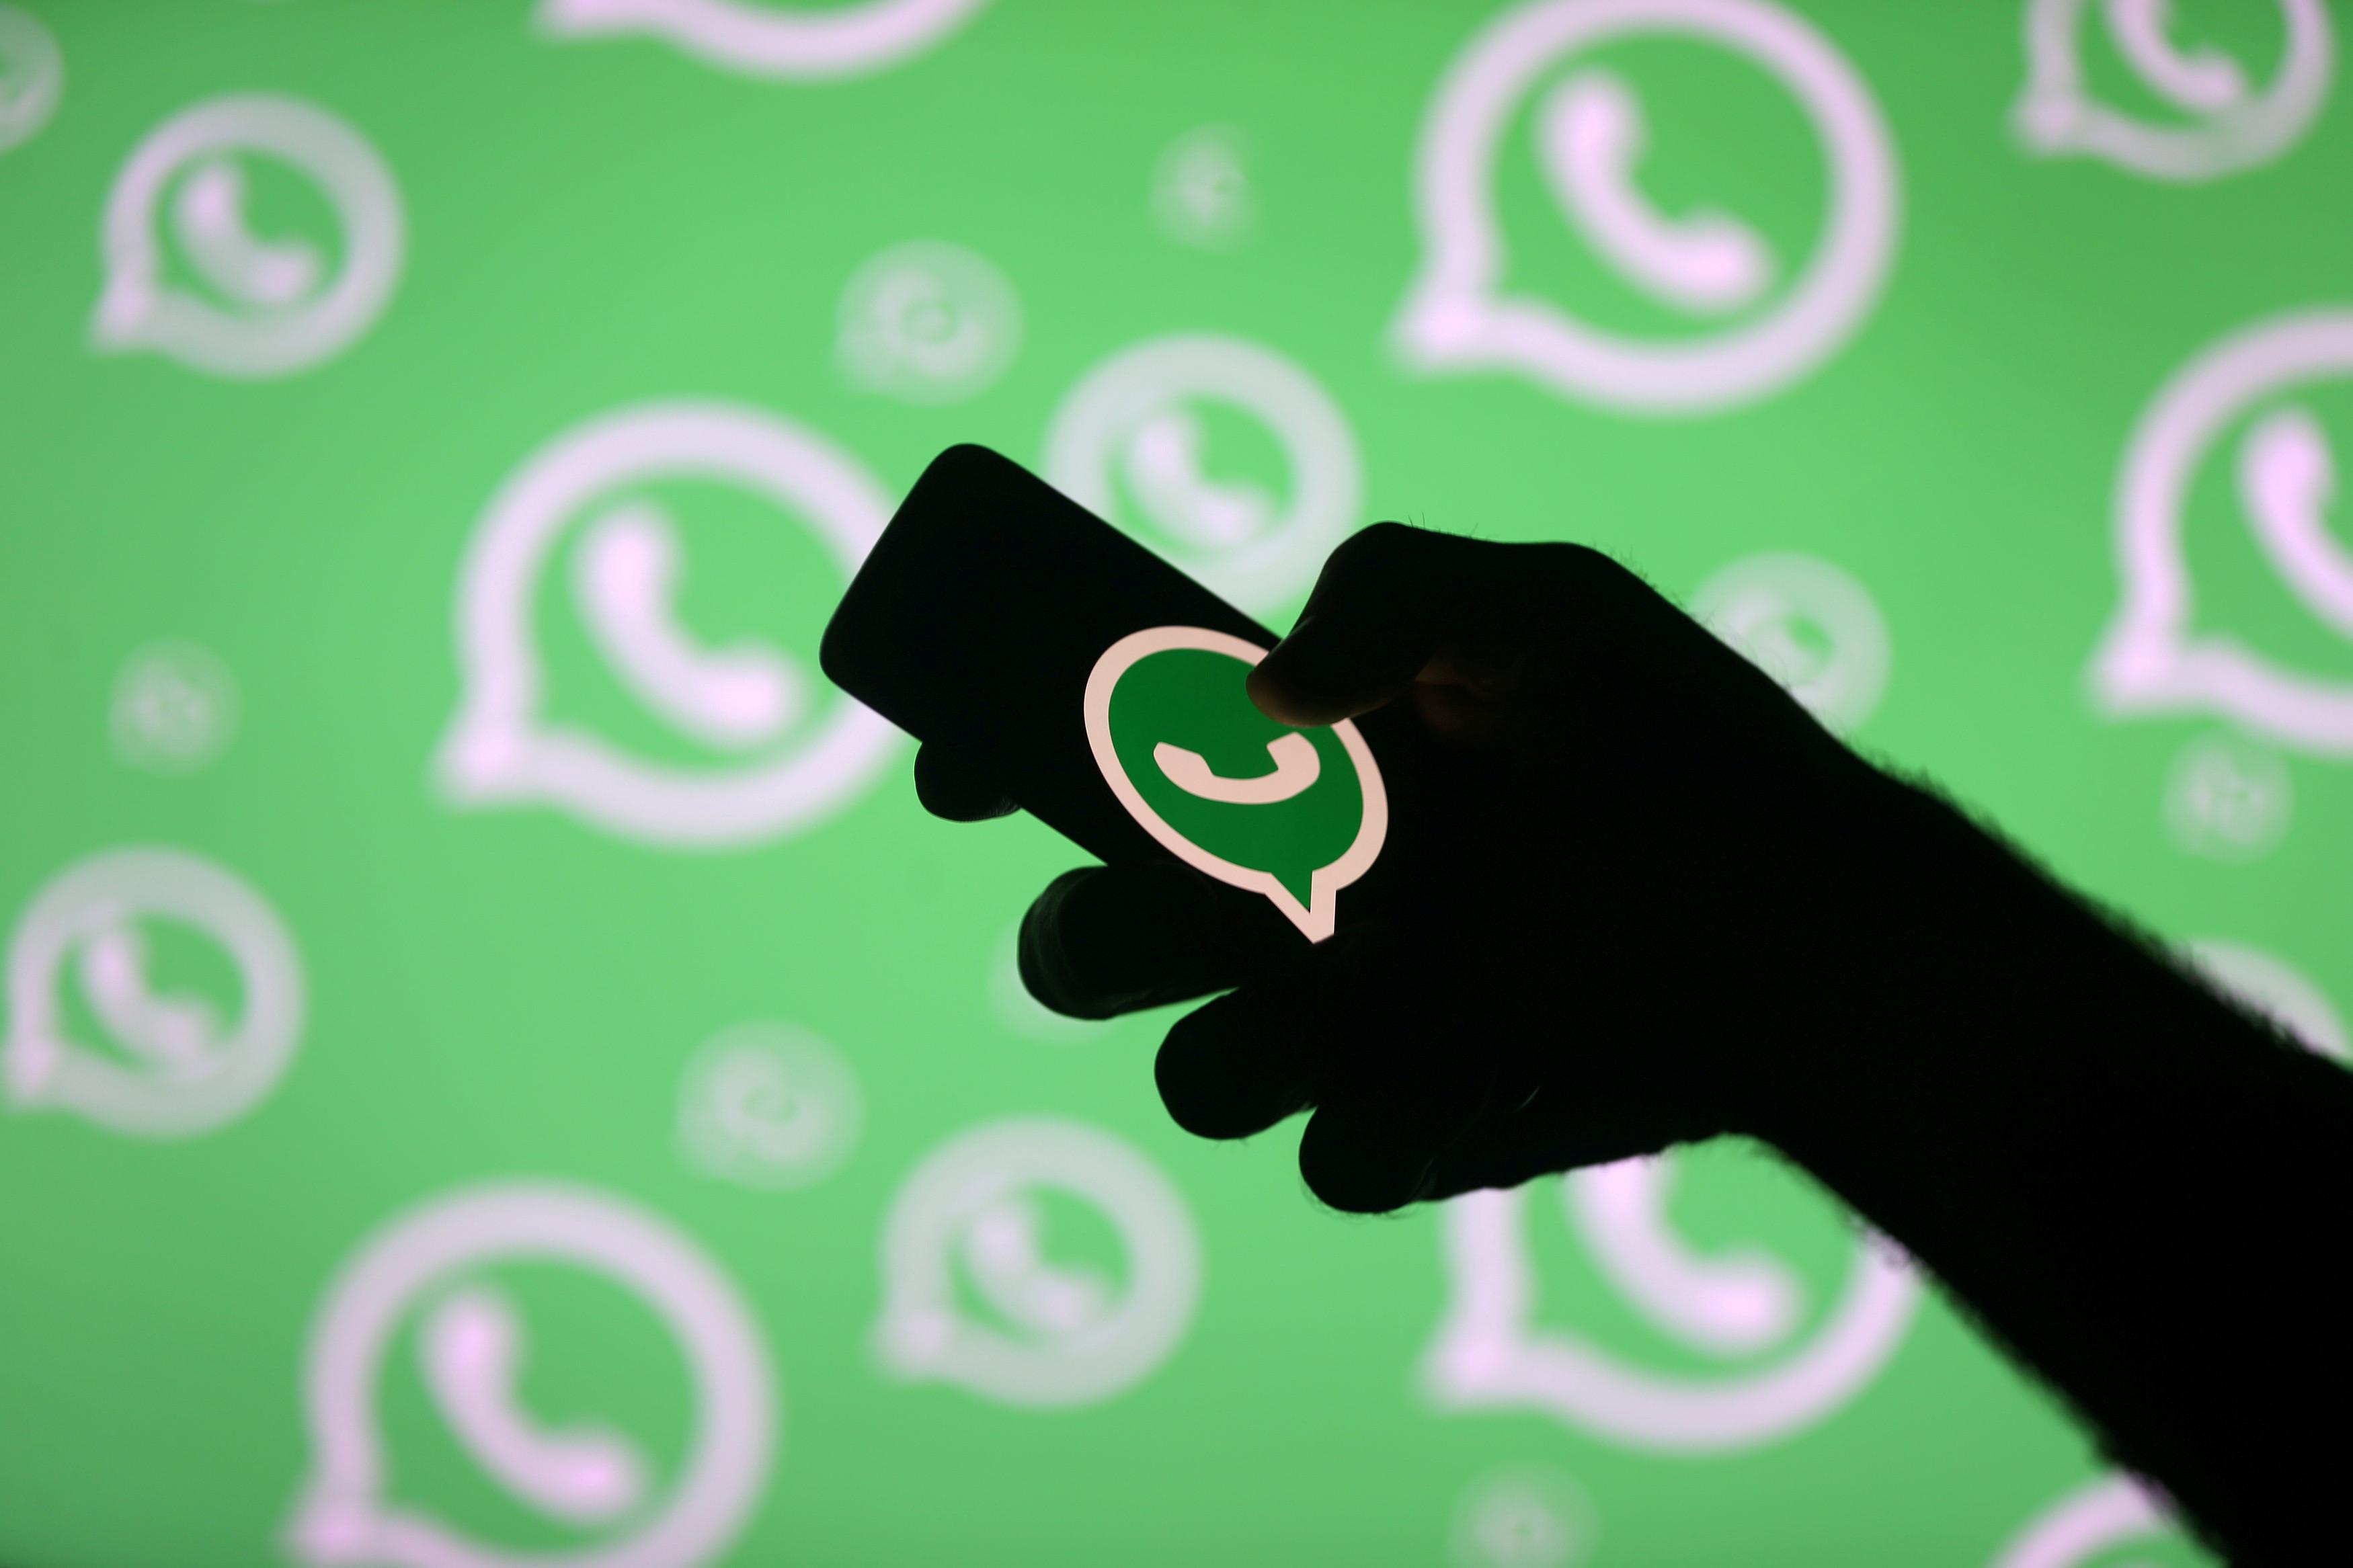 Интернет-провайдер в Красноярске рассказывает: Что 2020 год принесет пользователям WhatsApp